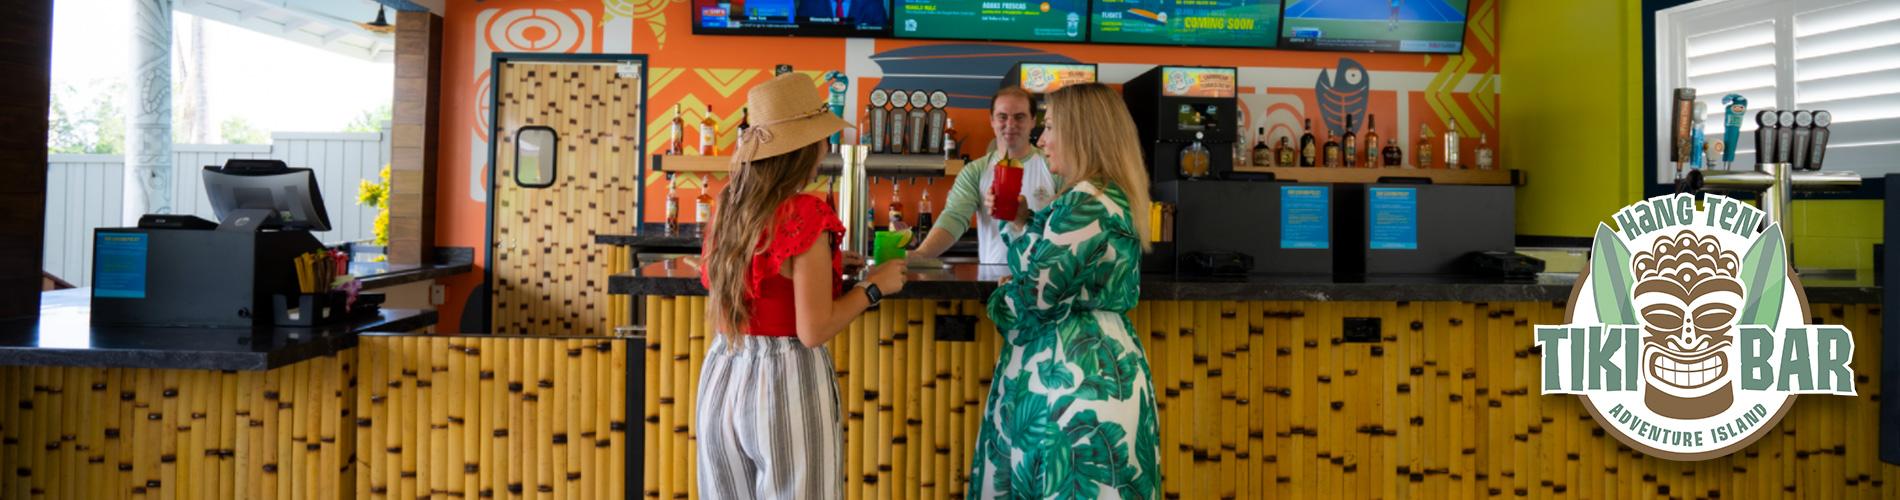 Hang Ten Tiki Bar